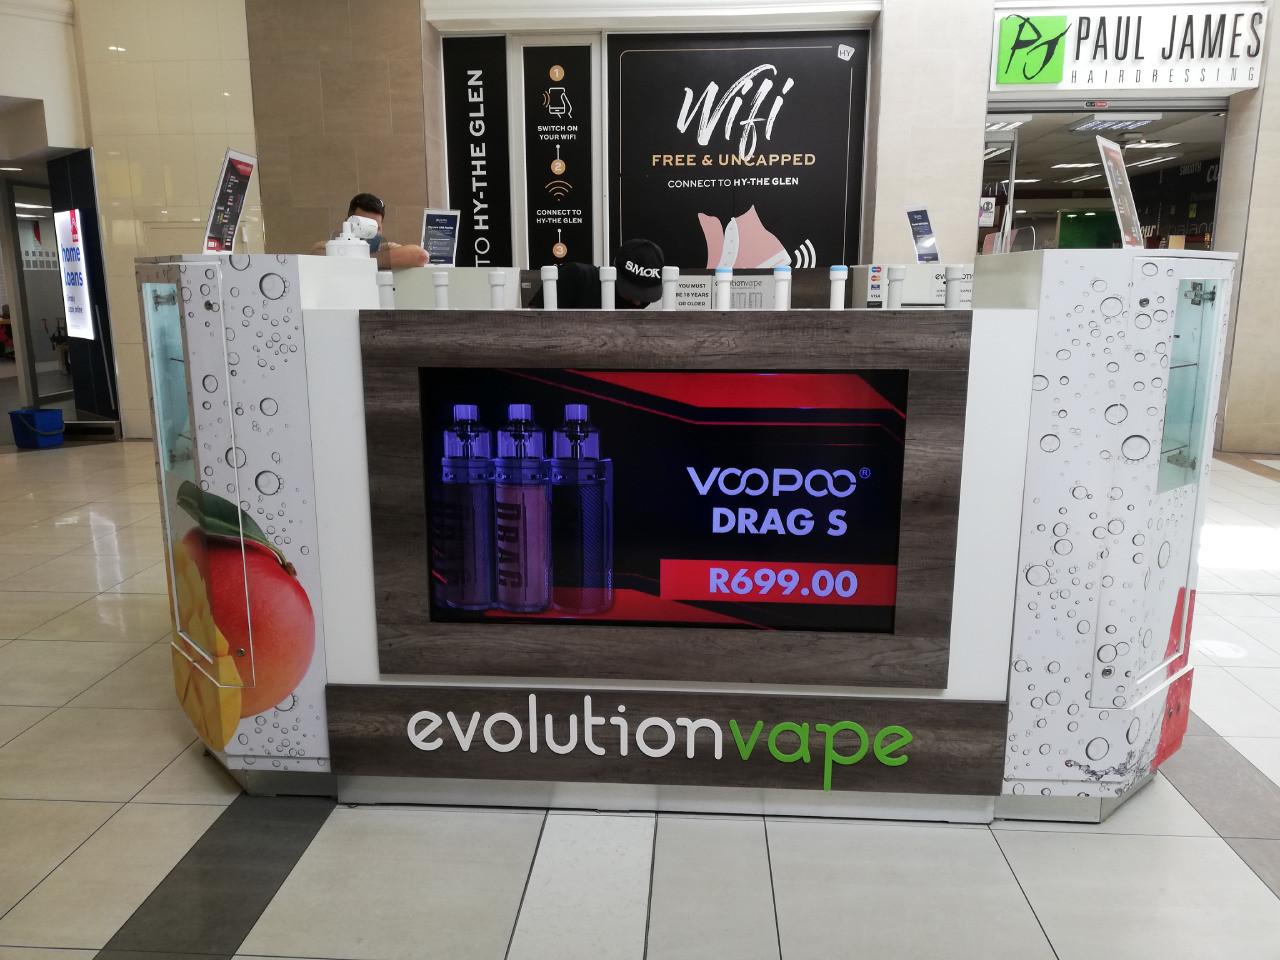 Evolution Vape - kiosk